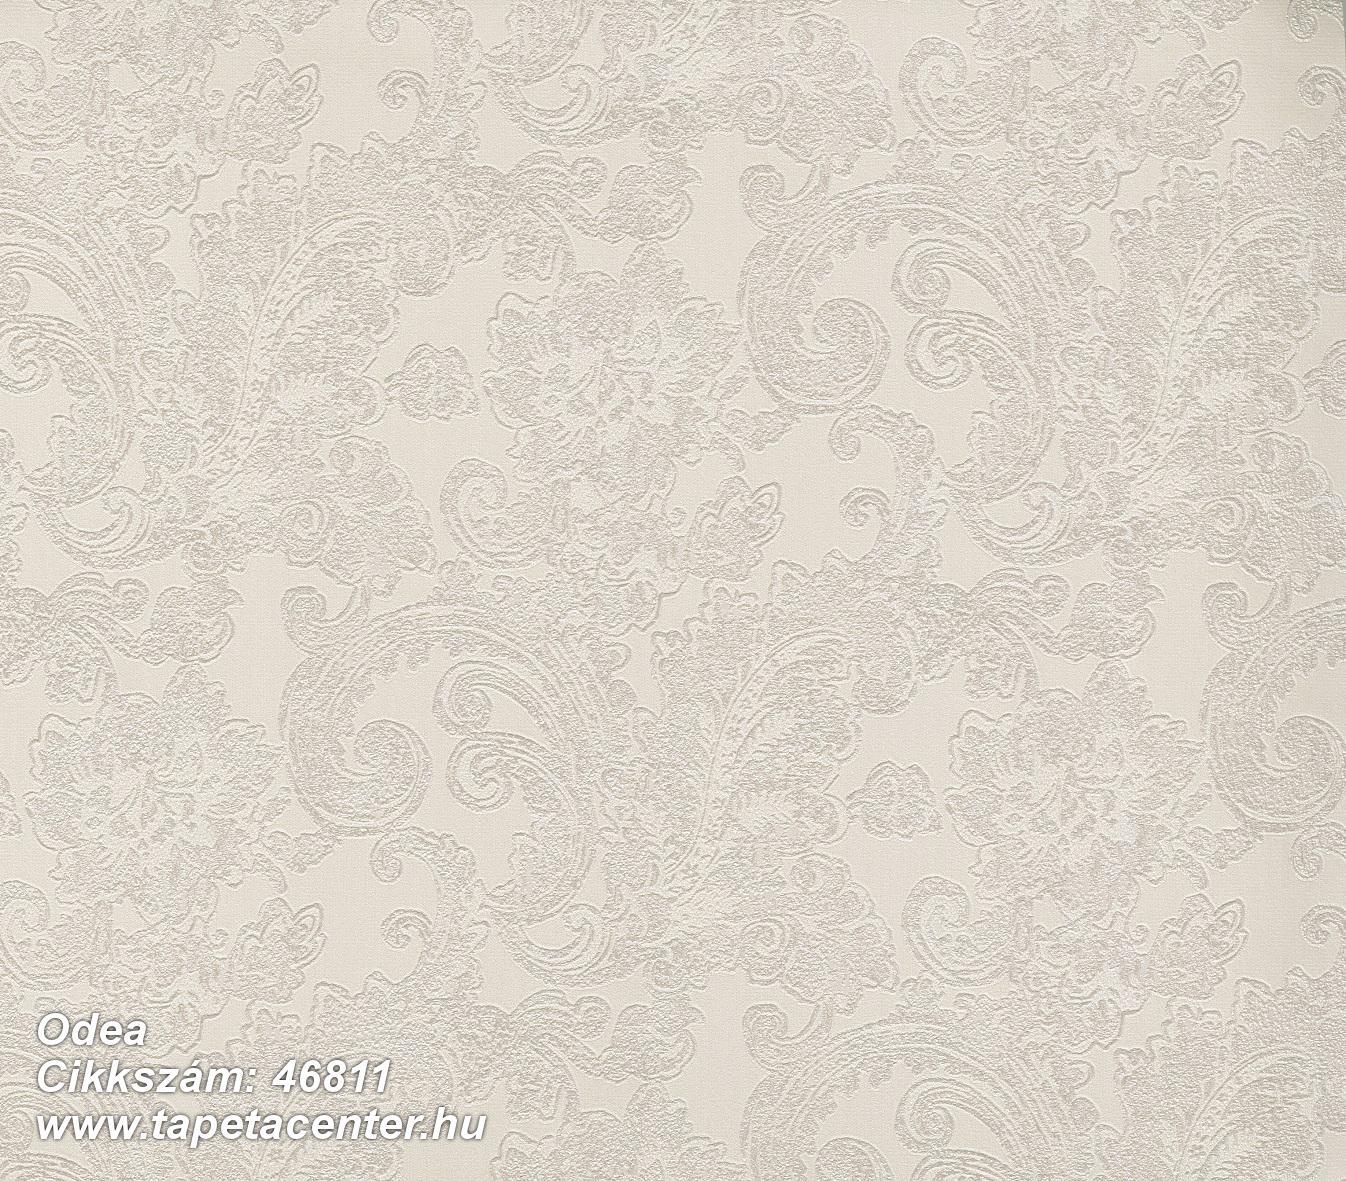 Odea - 46811 Olasz tapéta